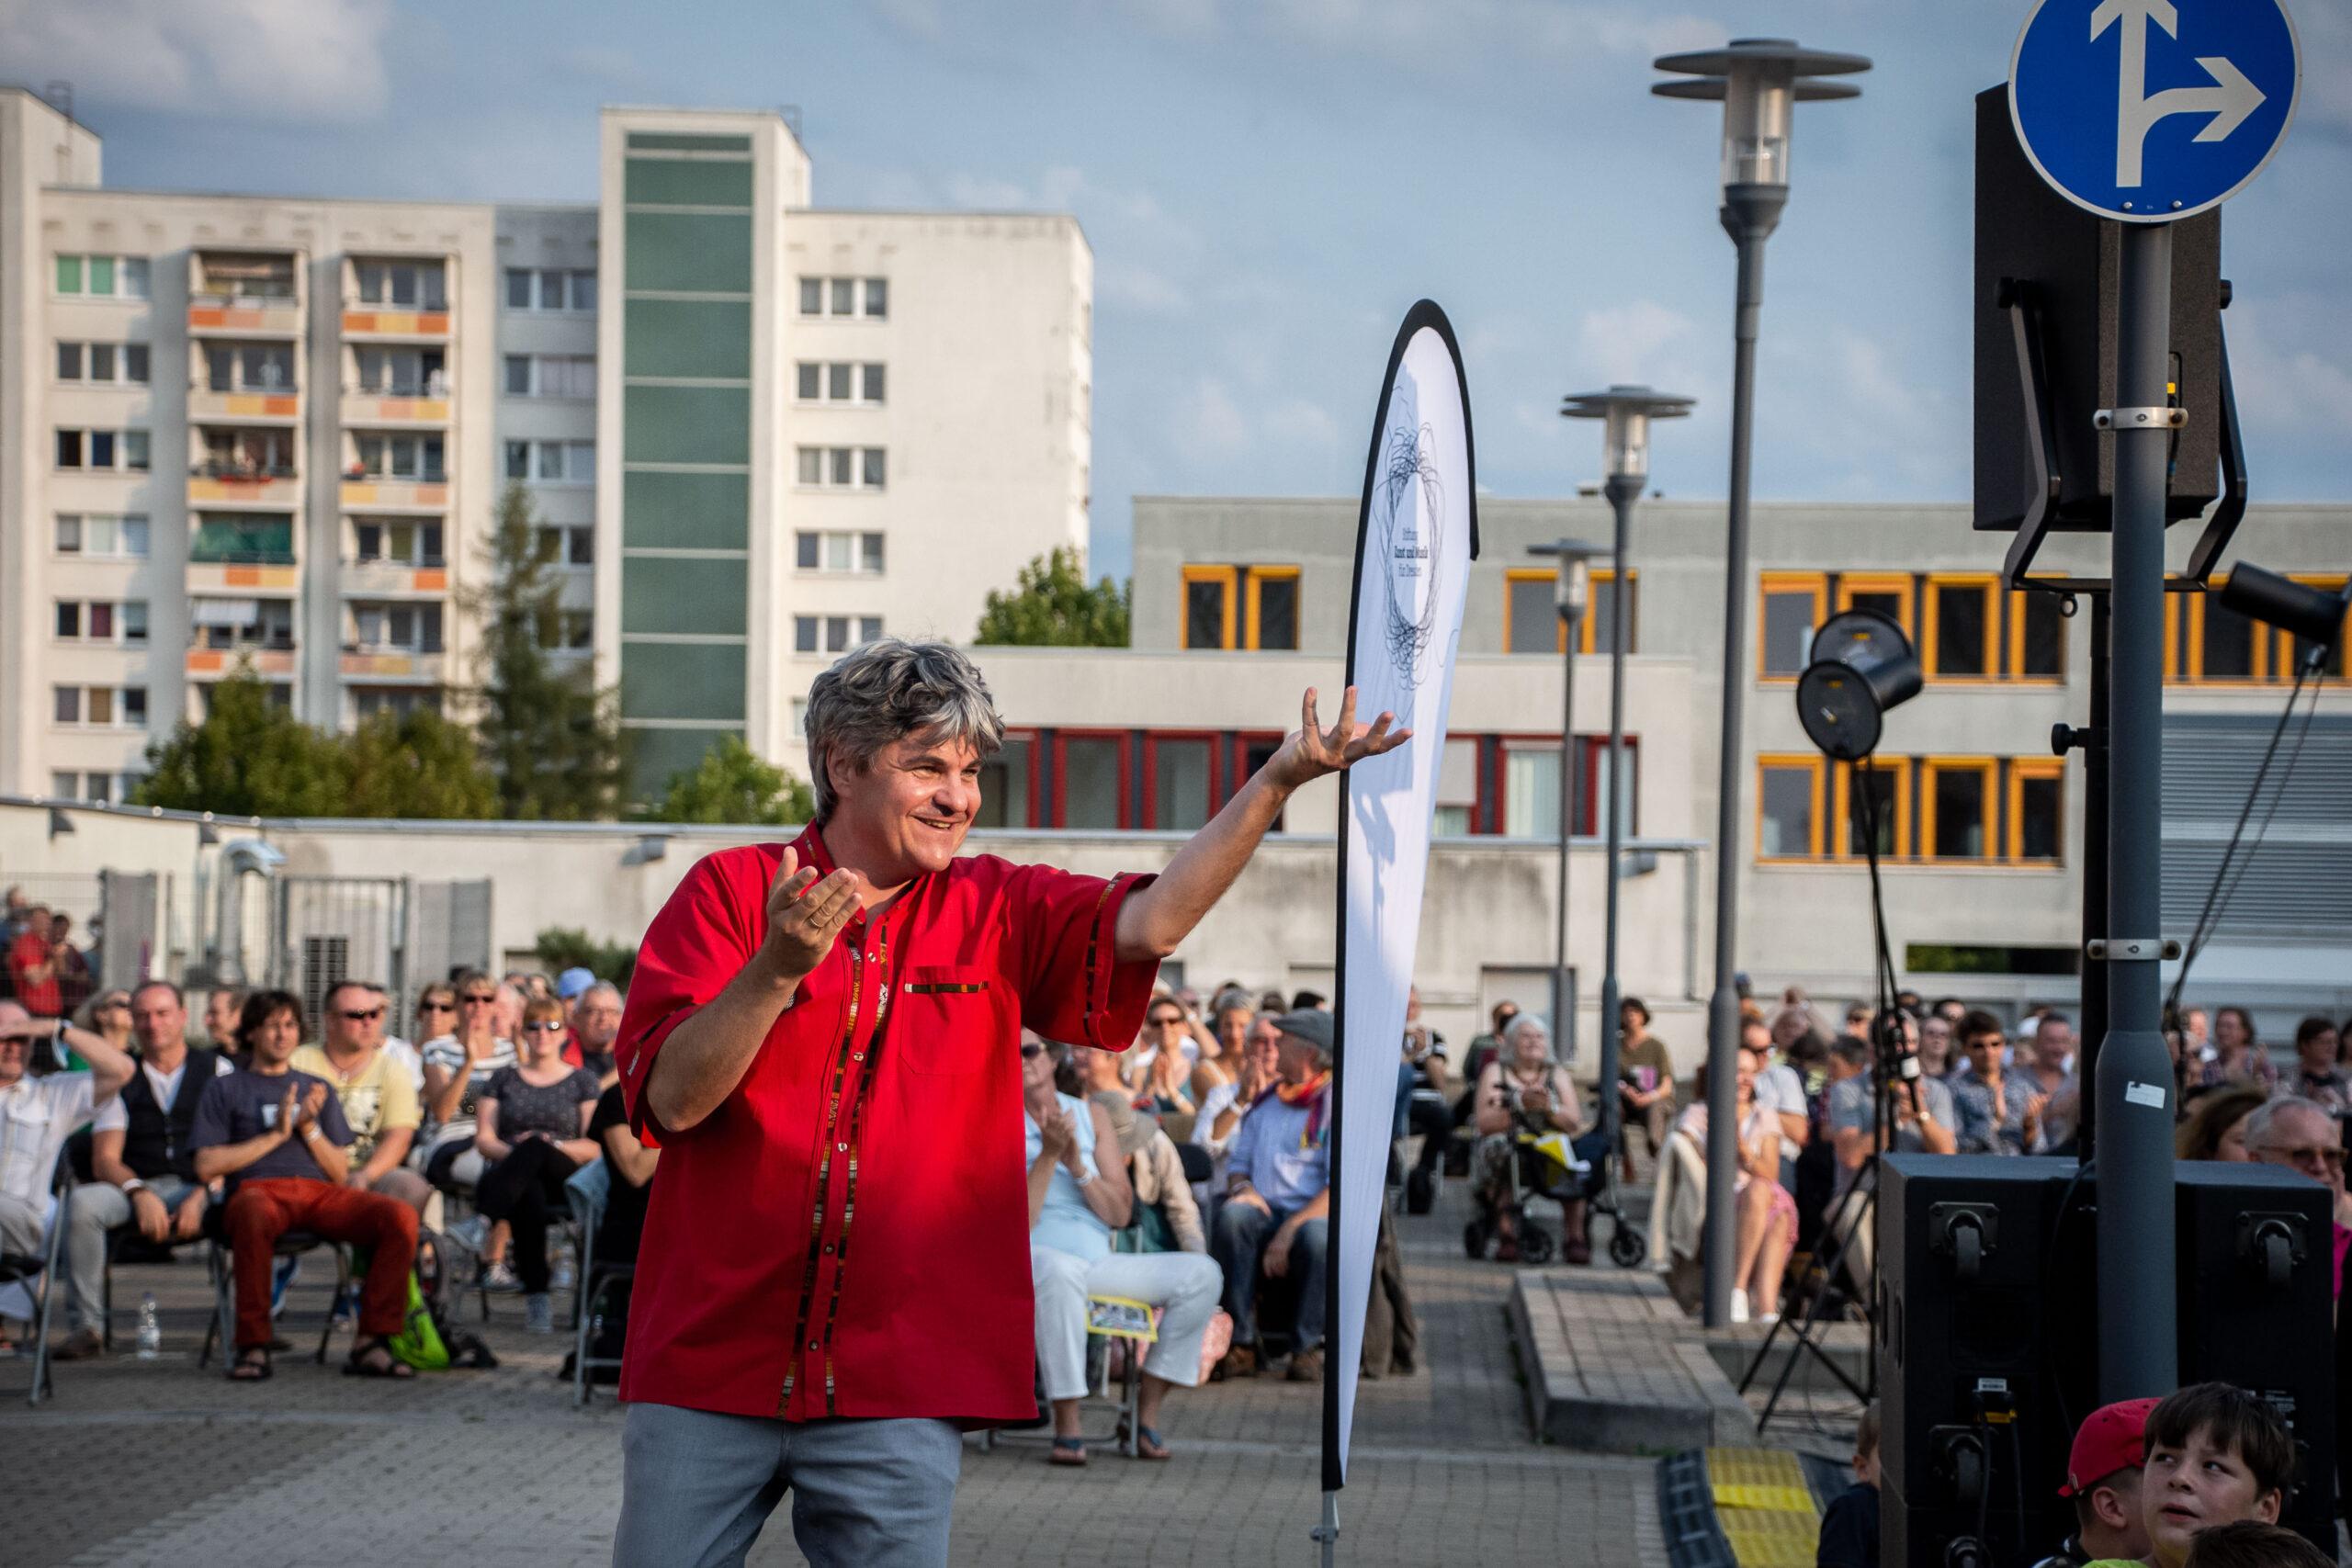 Himmel über Prohlis - Eventfotografie: Markus Rindt, Intendant der Dresdner Sinfoniker